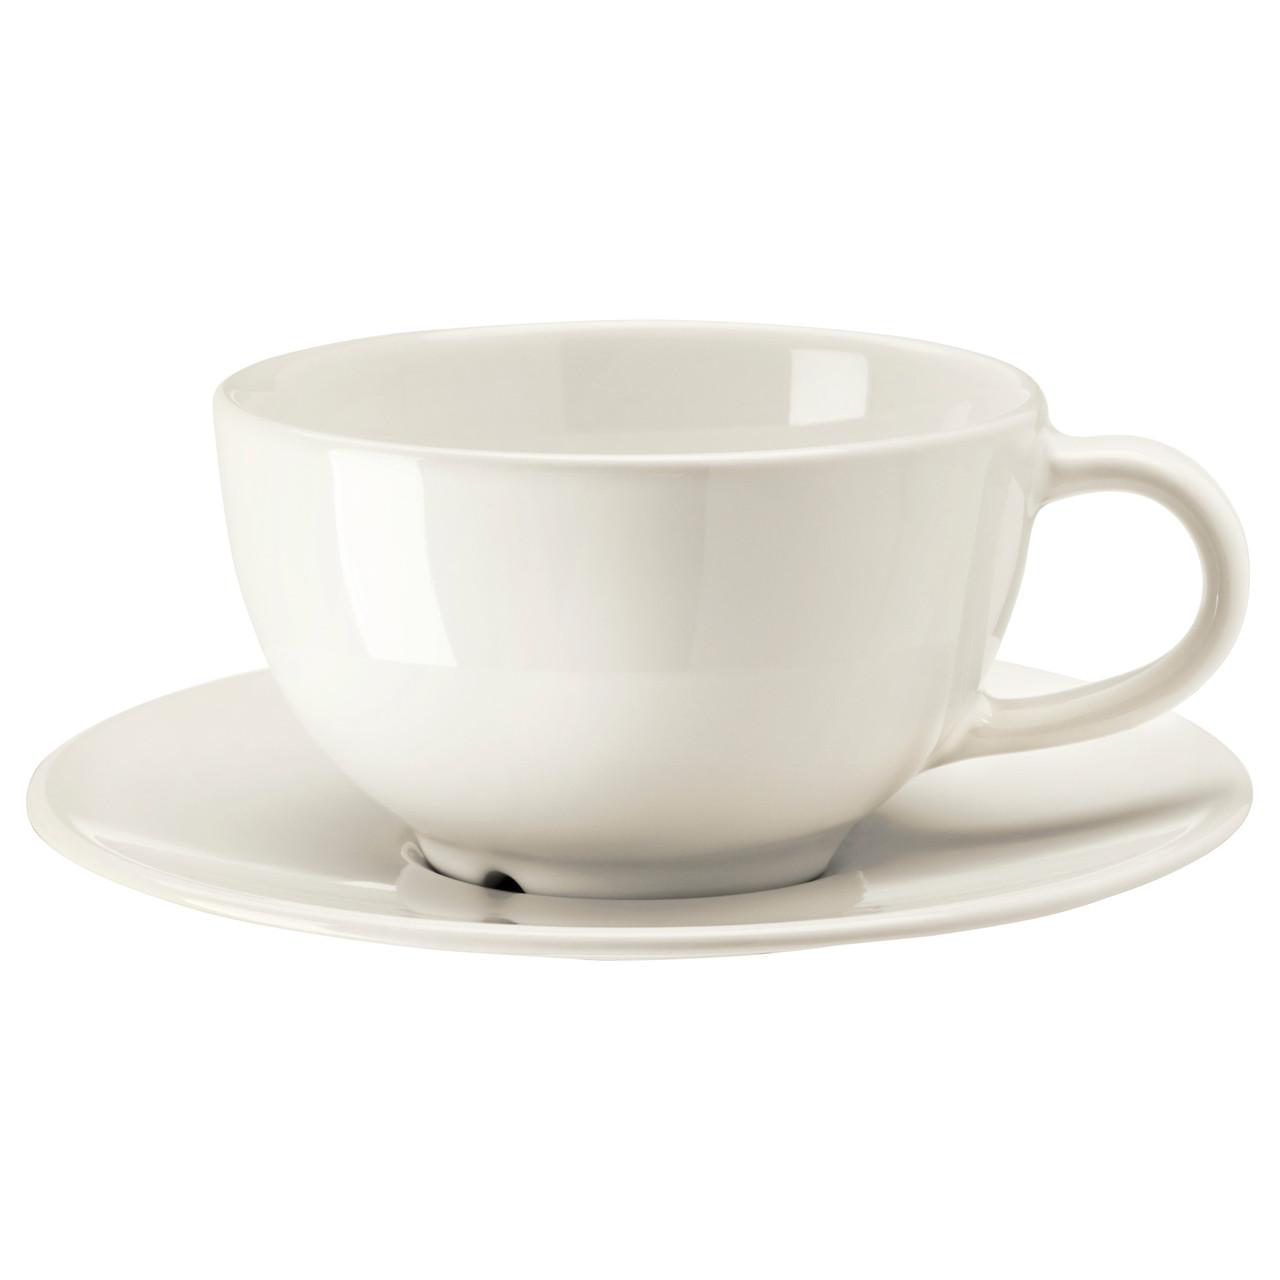 VARDAGEN Чашка для чая и блюдце, кремовый 802.883.14